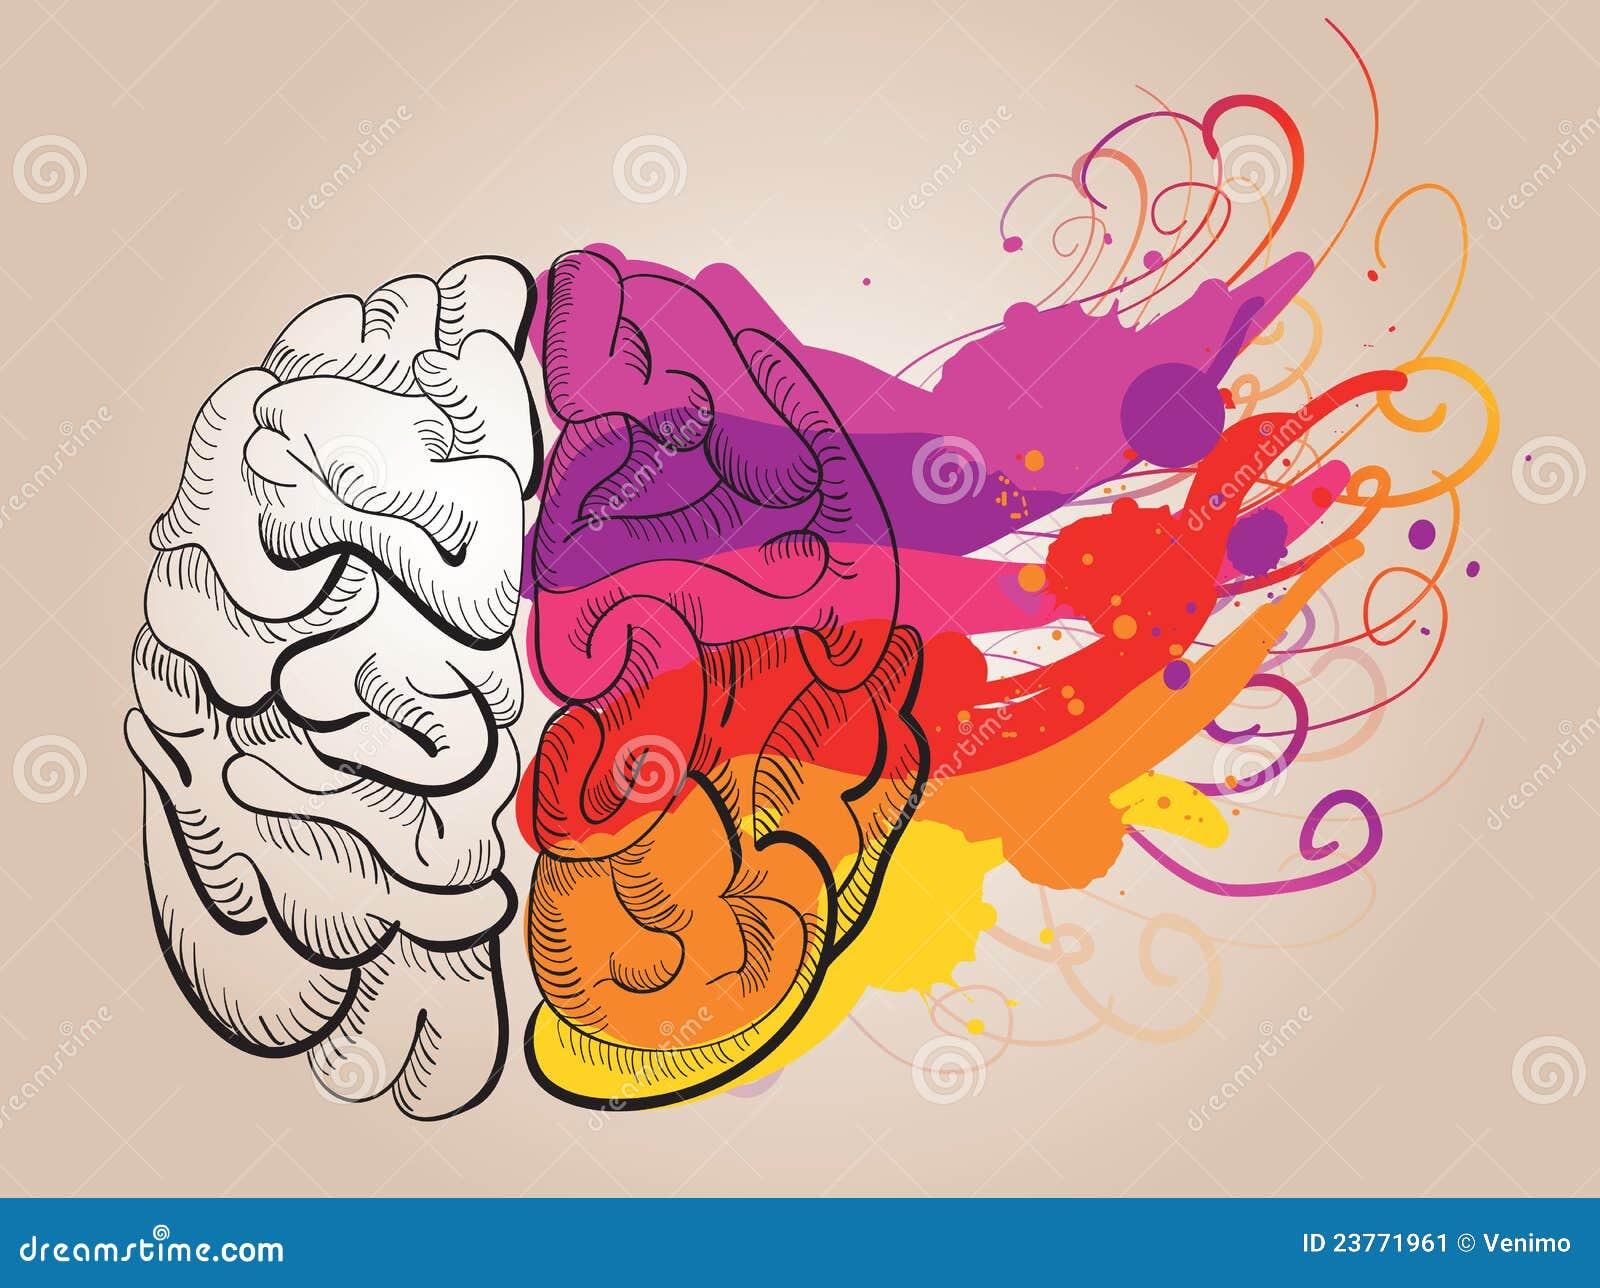 Konzept - Kreativität und Gehirn